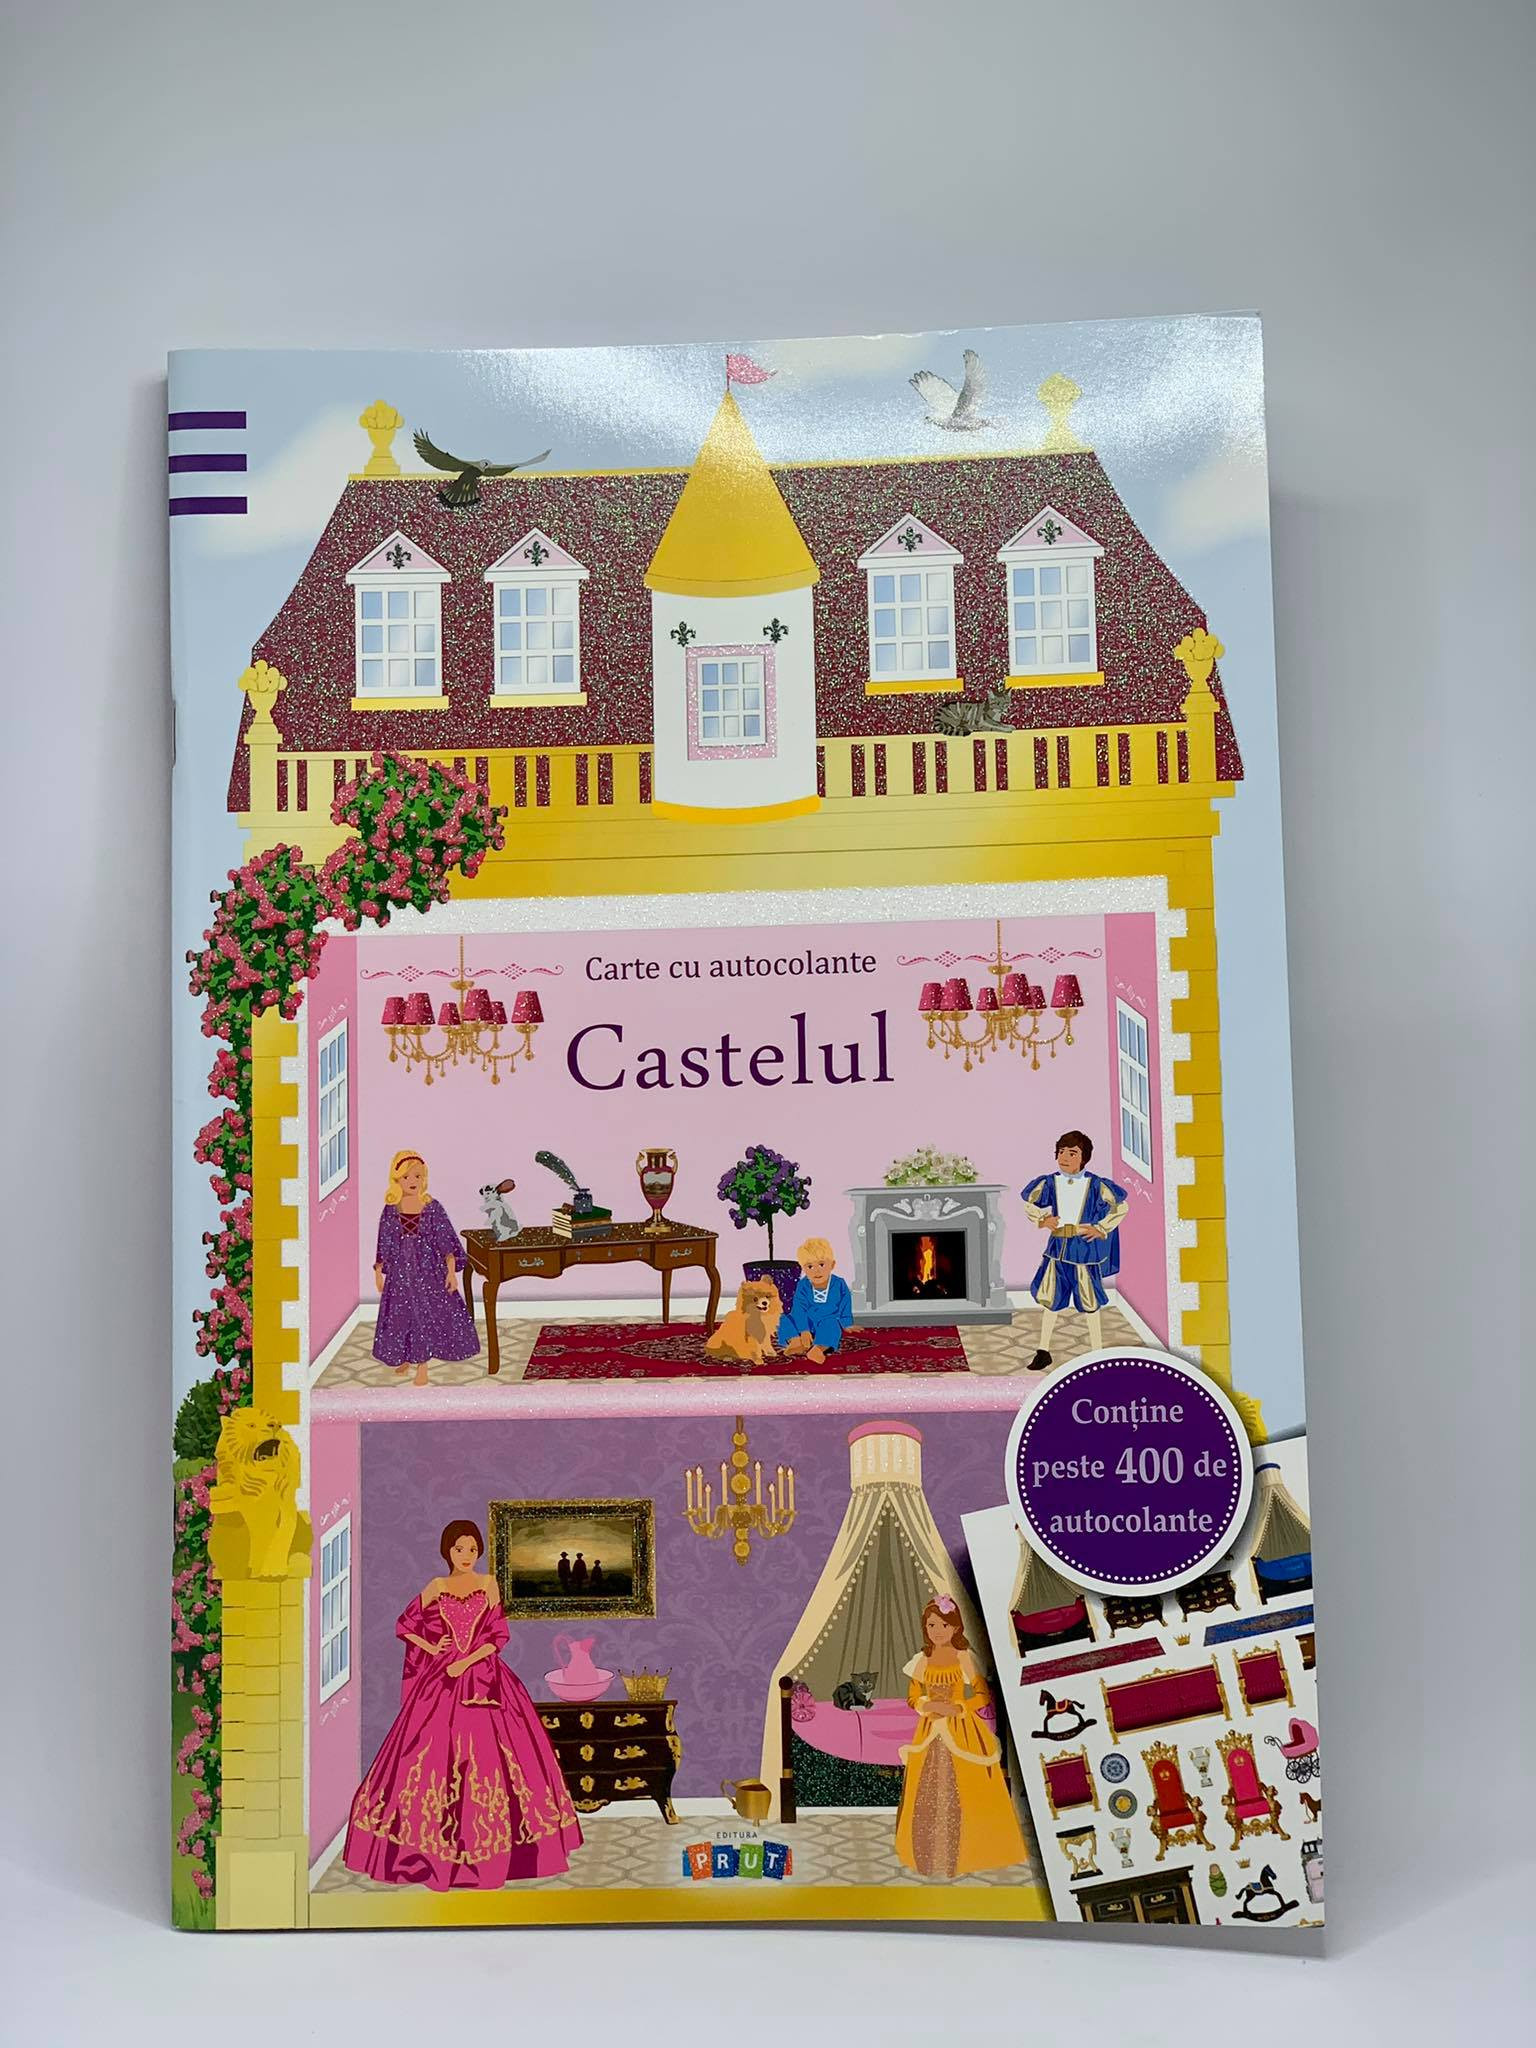 Castelul. Carte cu autocolante